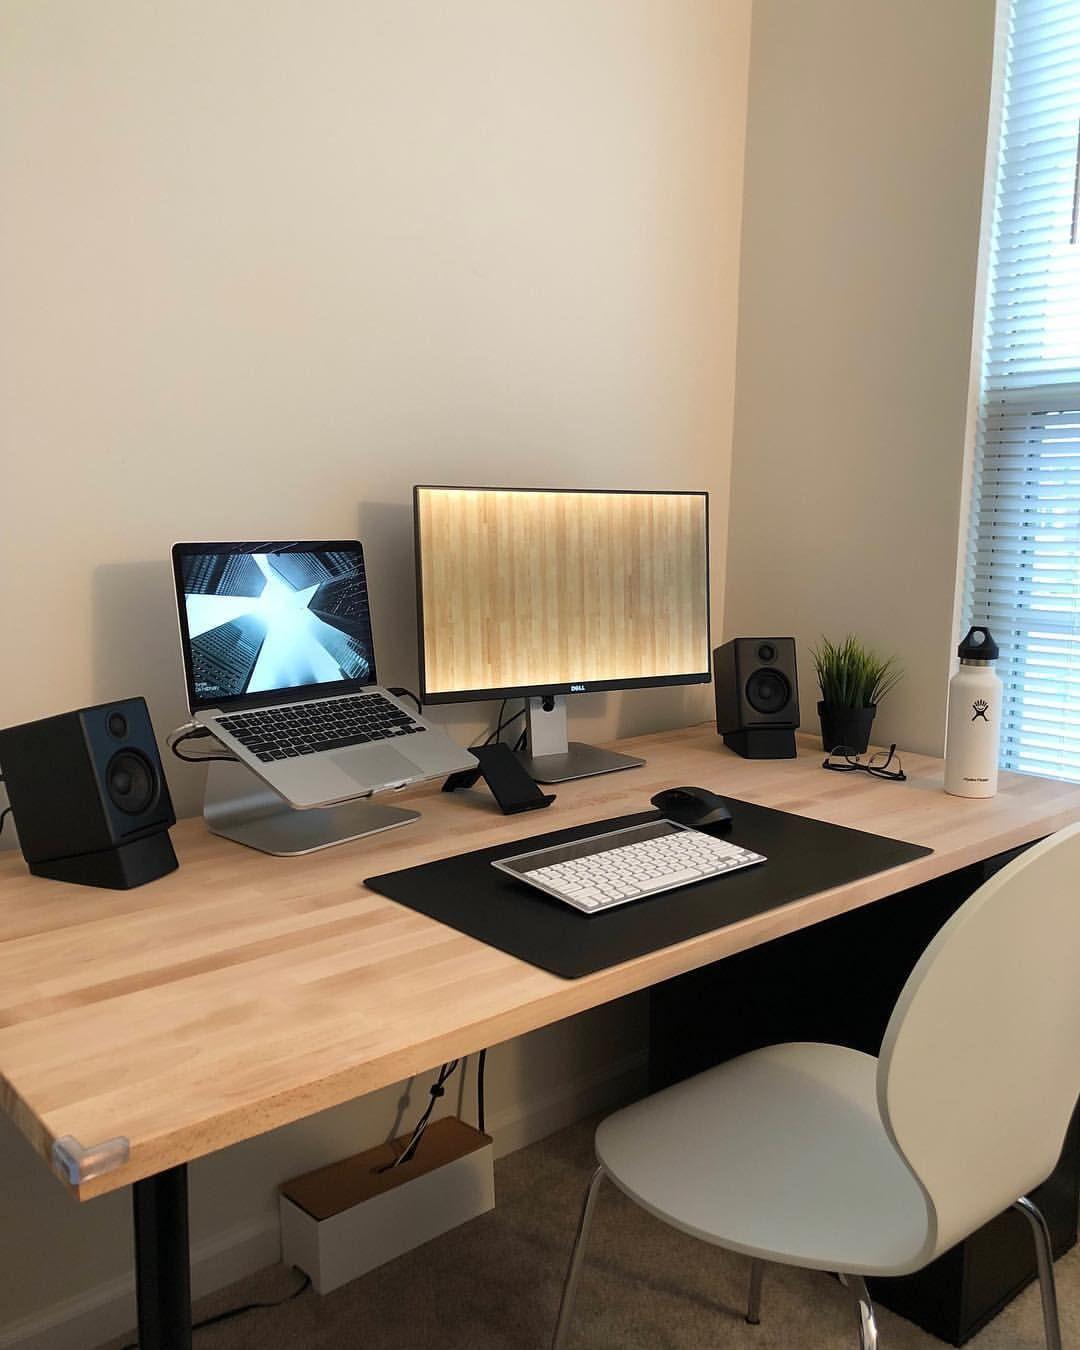 U Justinbreaux Minimalsetups Home Office Computer Desk Home Office Design Home Office Decor